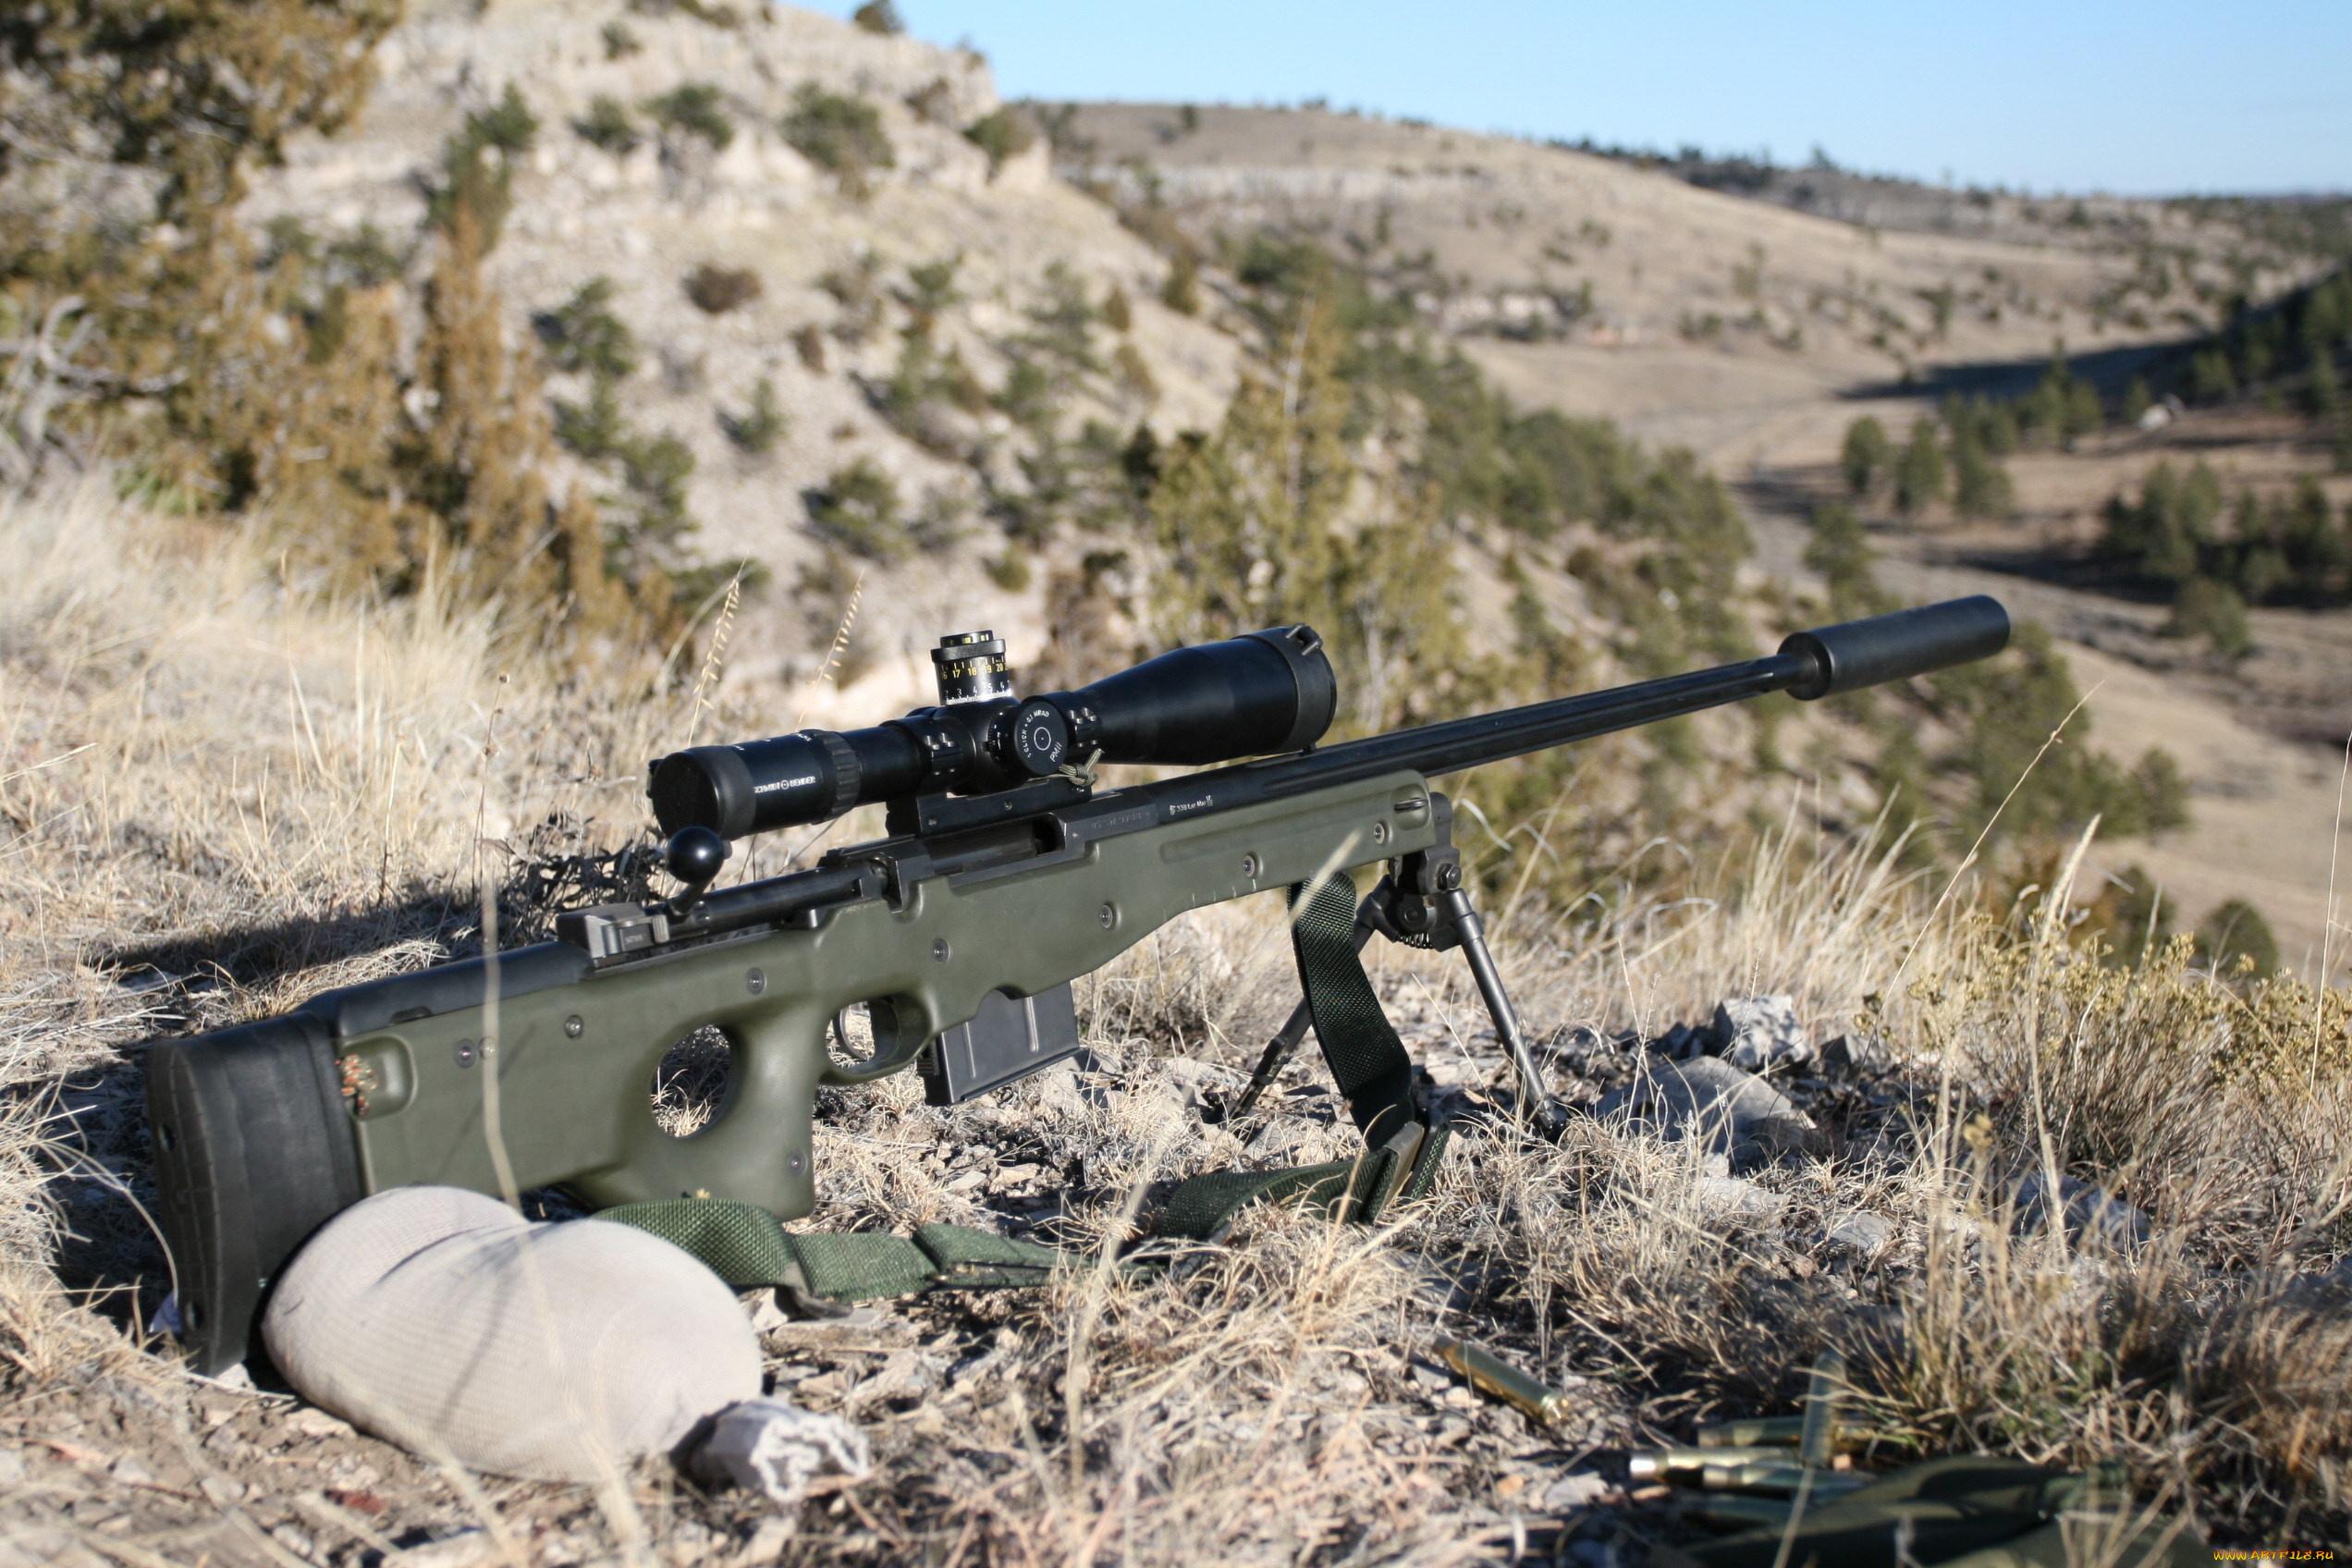 magnum sniper rifle - HD1920×1200